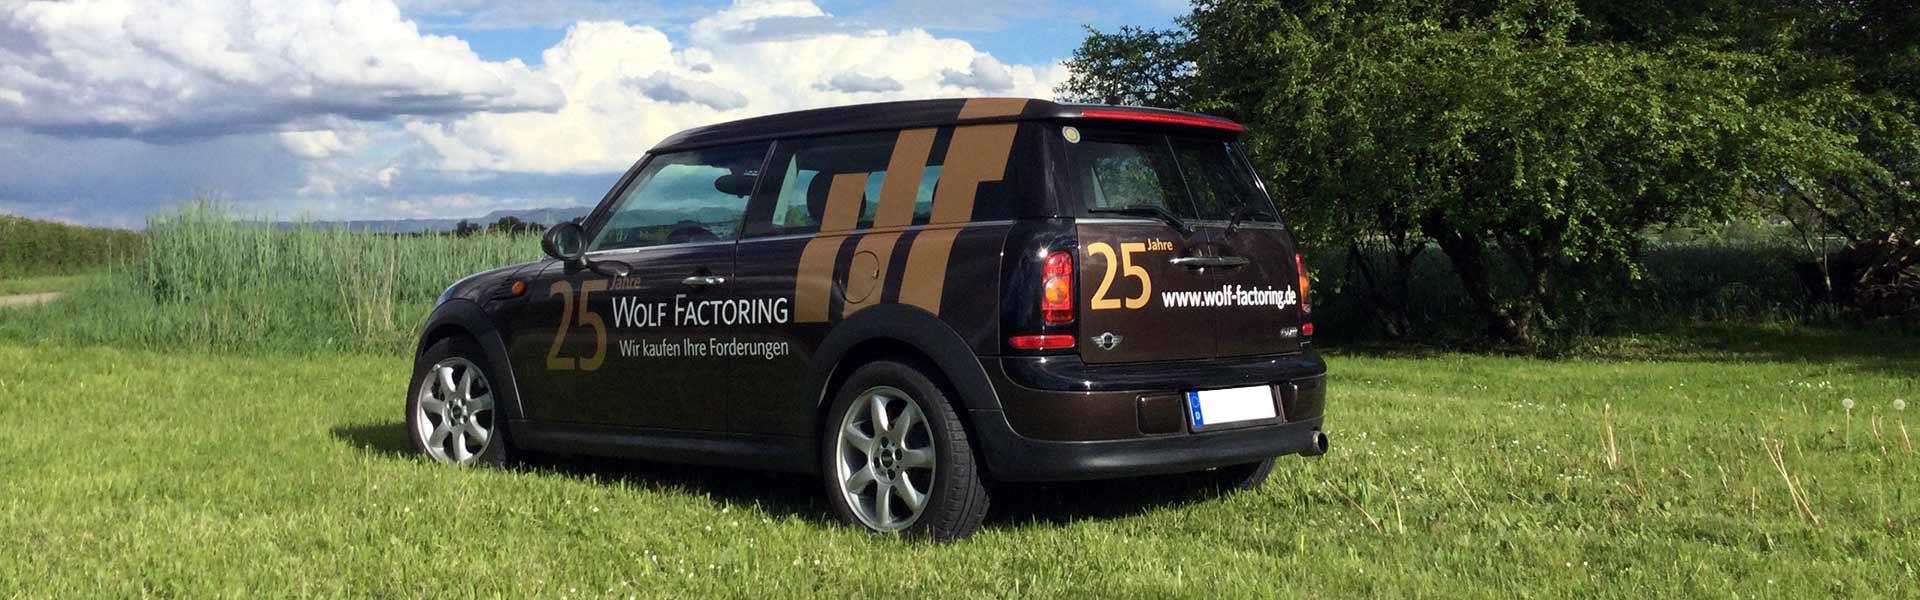 Fahrzeugbeschriftung Stuttgart: Beschriftung für Wolf Factoring, Fahrerseite